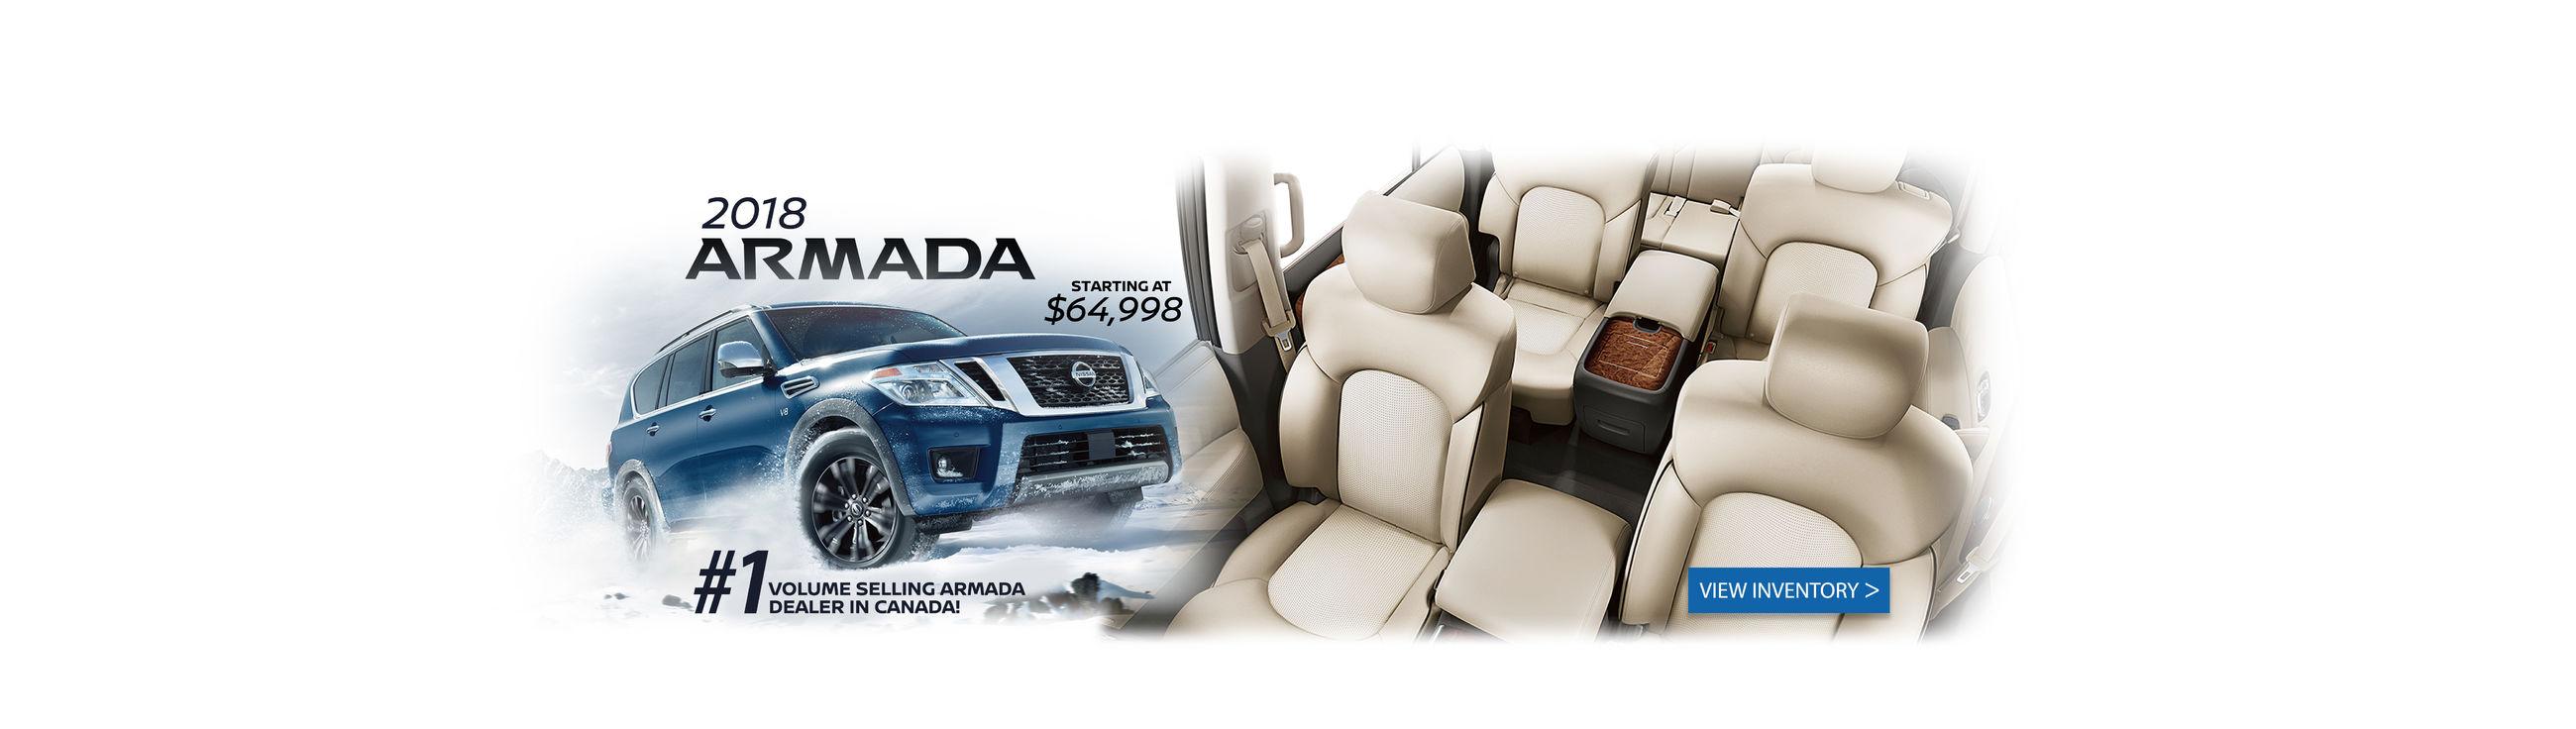 Armada (2018)